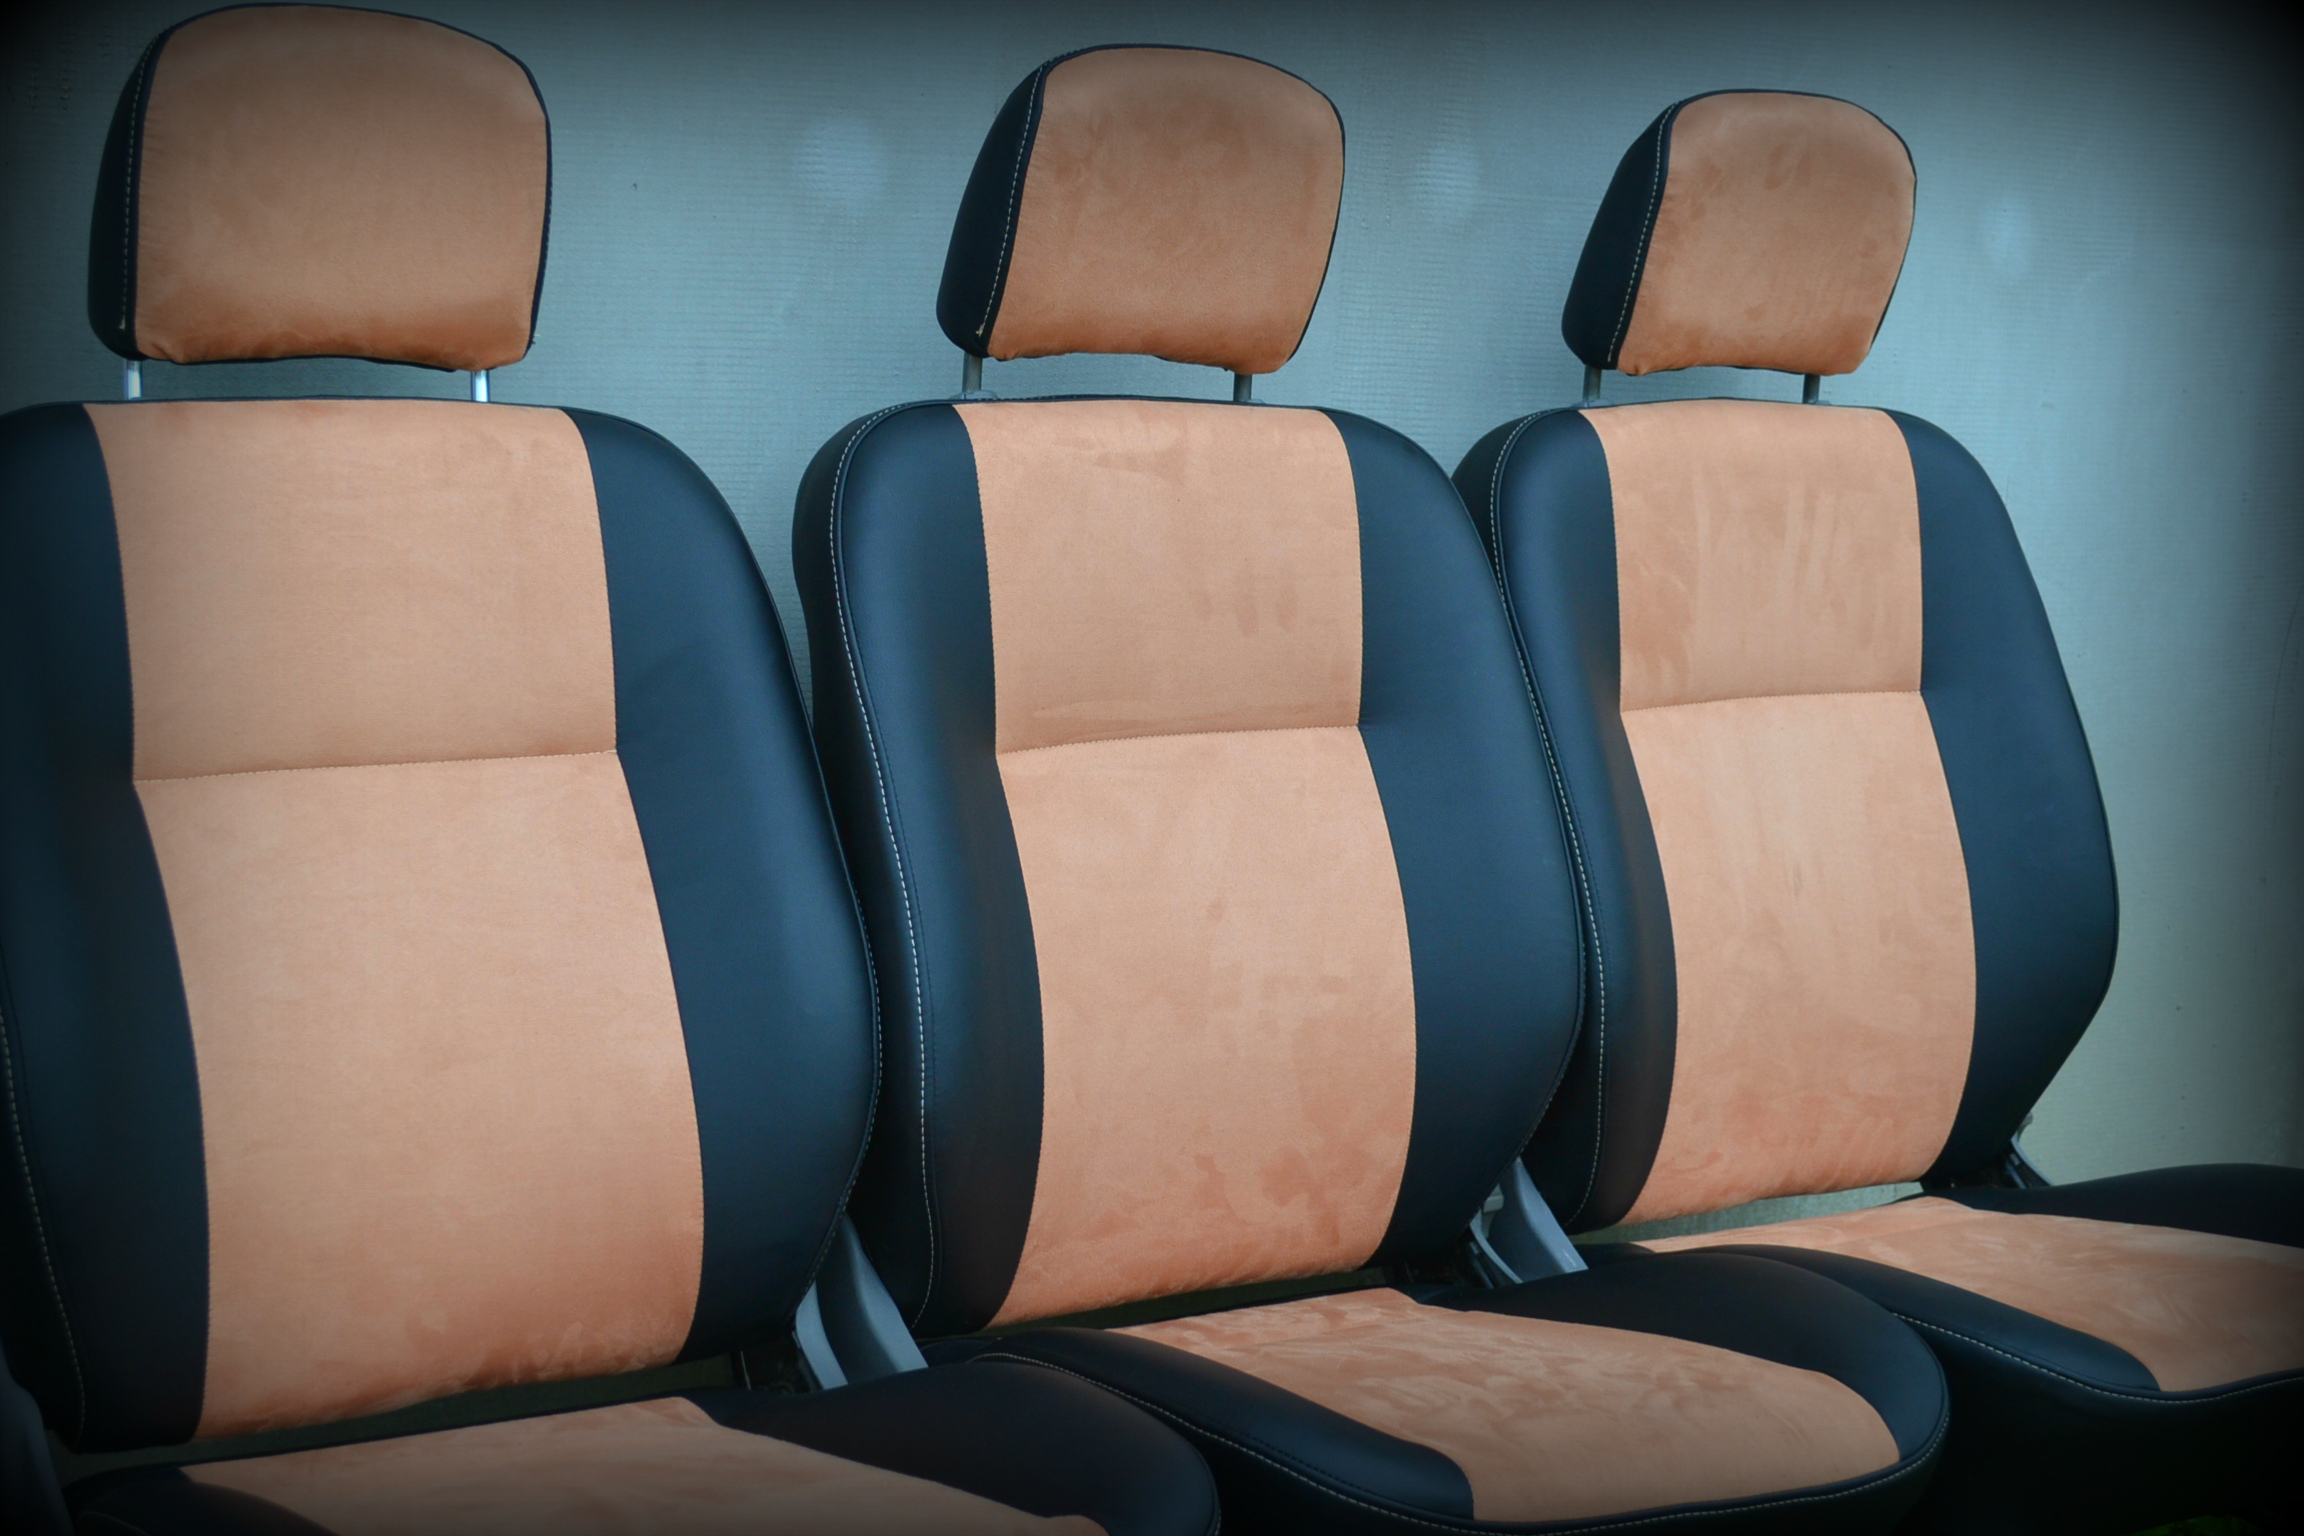 Сиденья-трансформеры в микроавтобус бус,обшивка и ремонт сидений